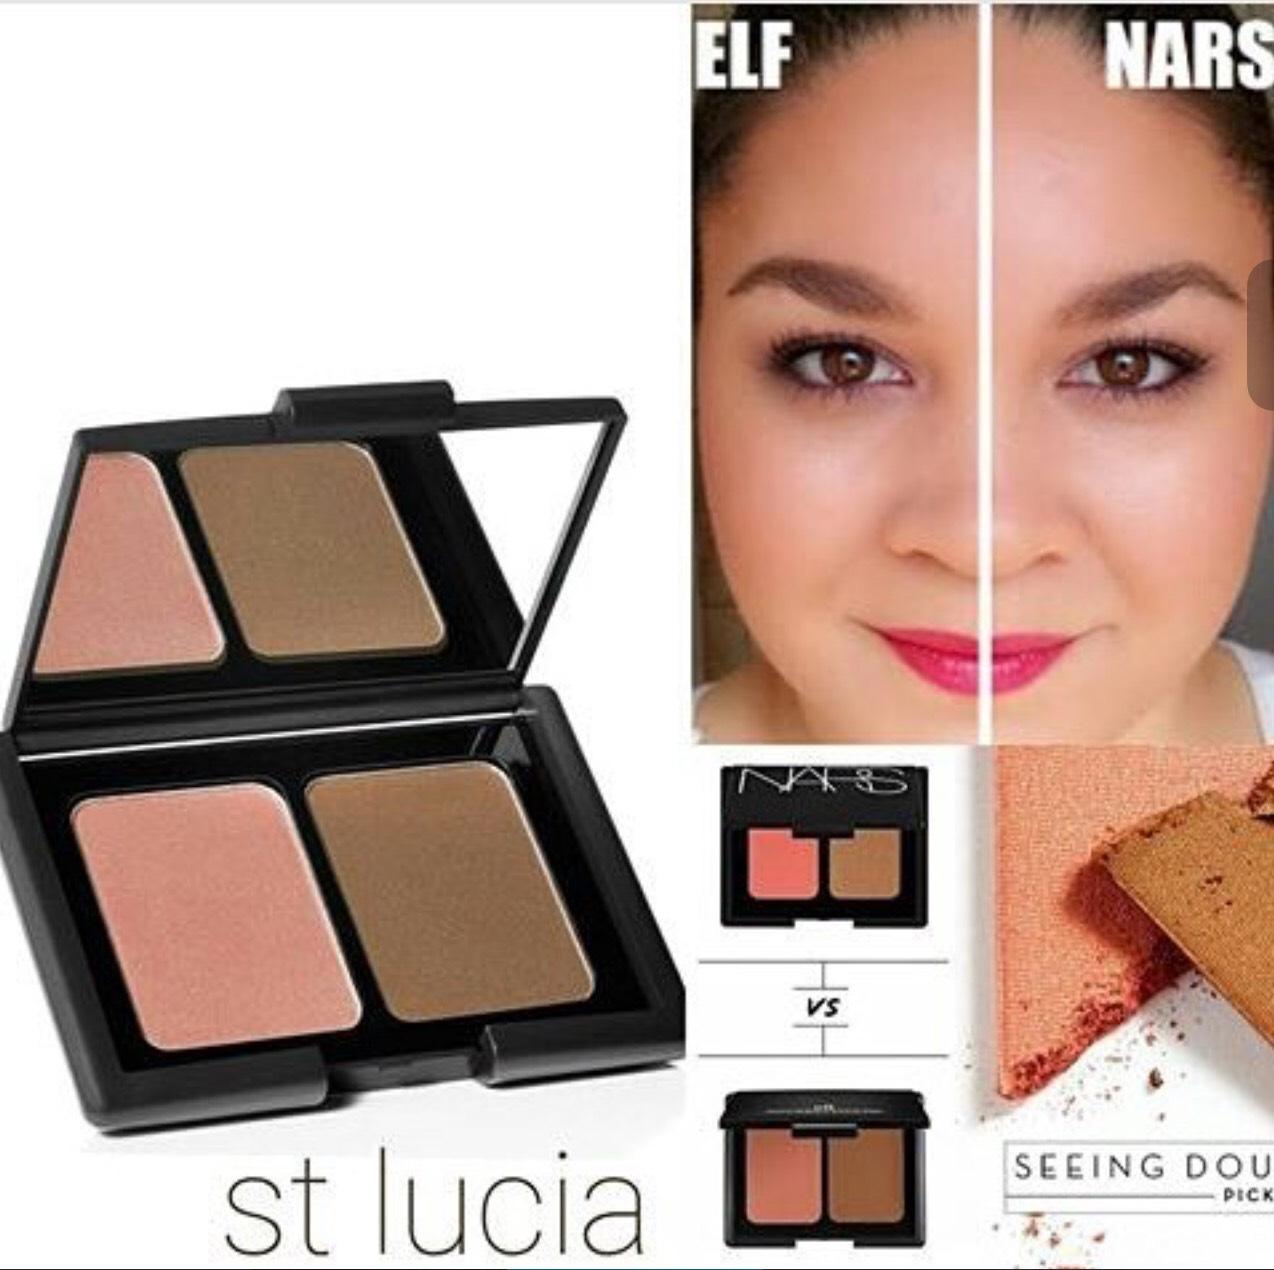 **พร้อมส่งค่ะ+ลด 50%** e.l.f. Studio Contouring Blush & Bronzing Powder สี ST. Lucia เบอร์ 601 ปัดแก้มและบรอนเซอร์ในตลับเดียว ขายดีที่สุด โมเมแนะนำค่ะ